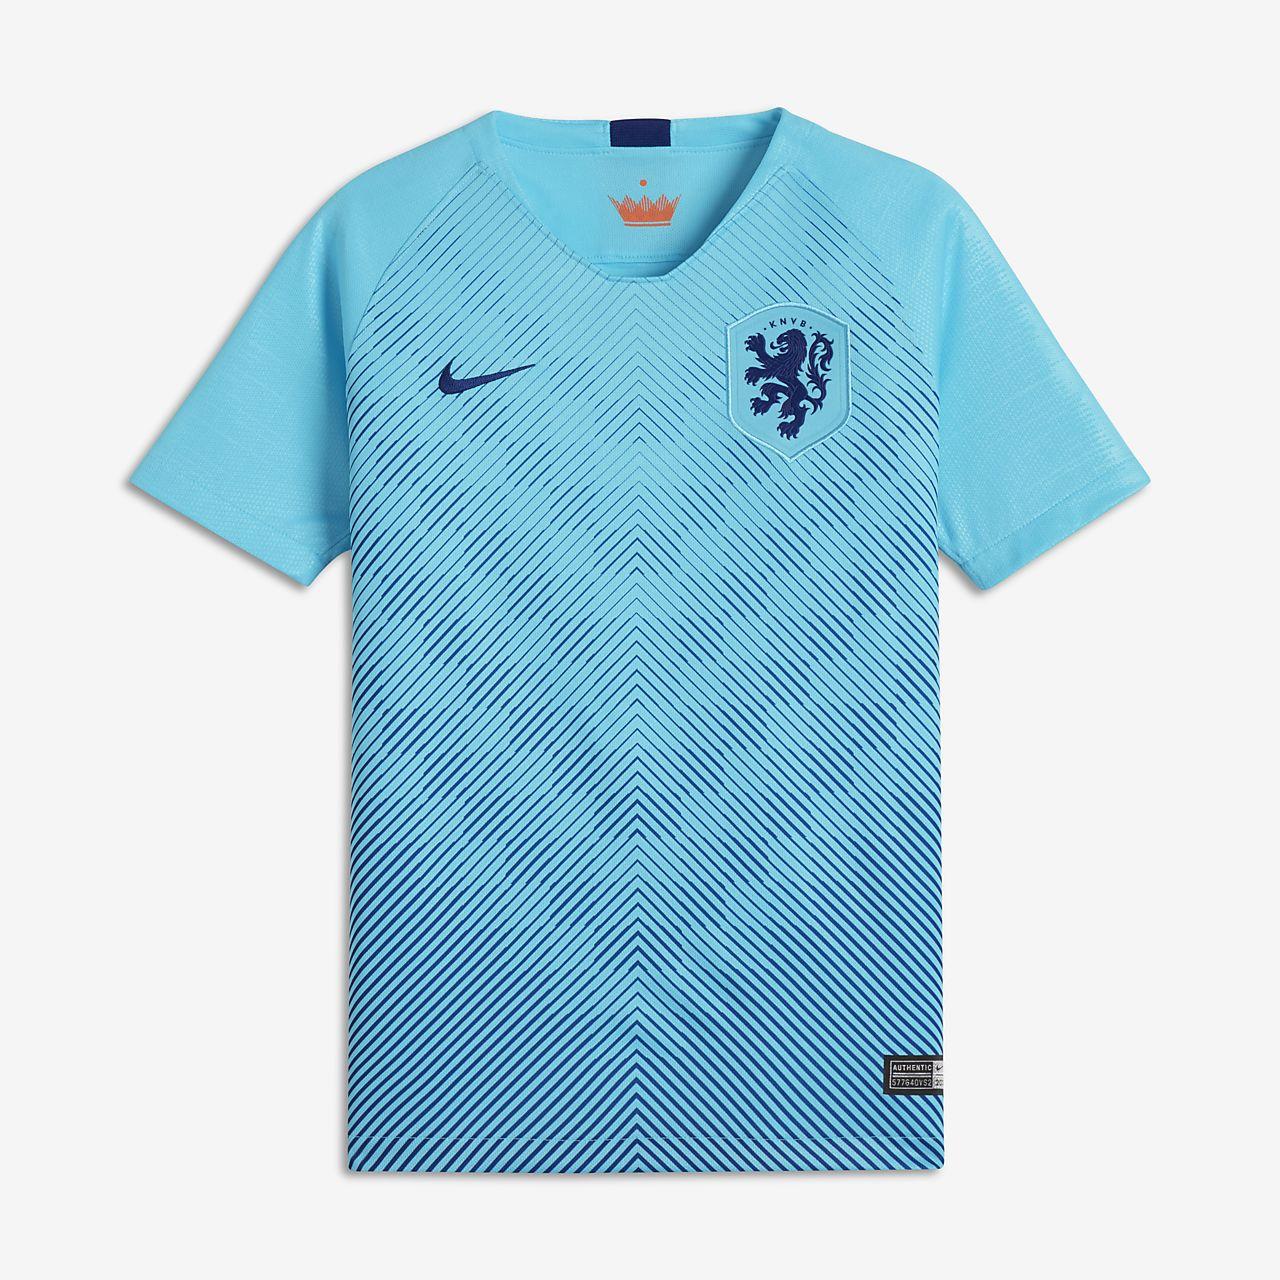 2018 Netherlands Stadium Away futballmez nagyobb gyerekeknek